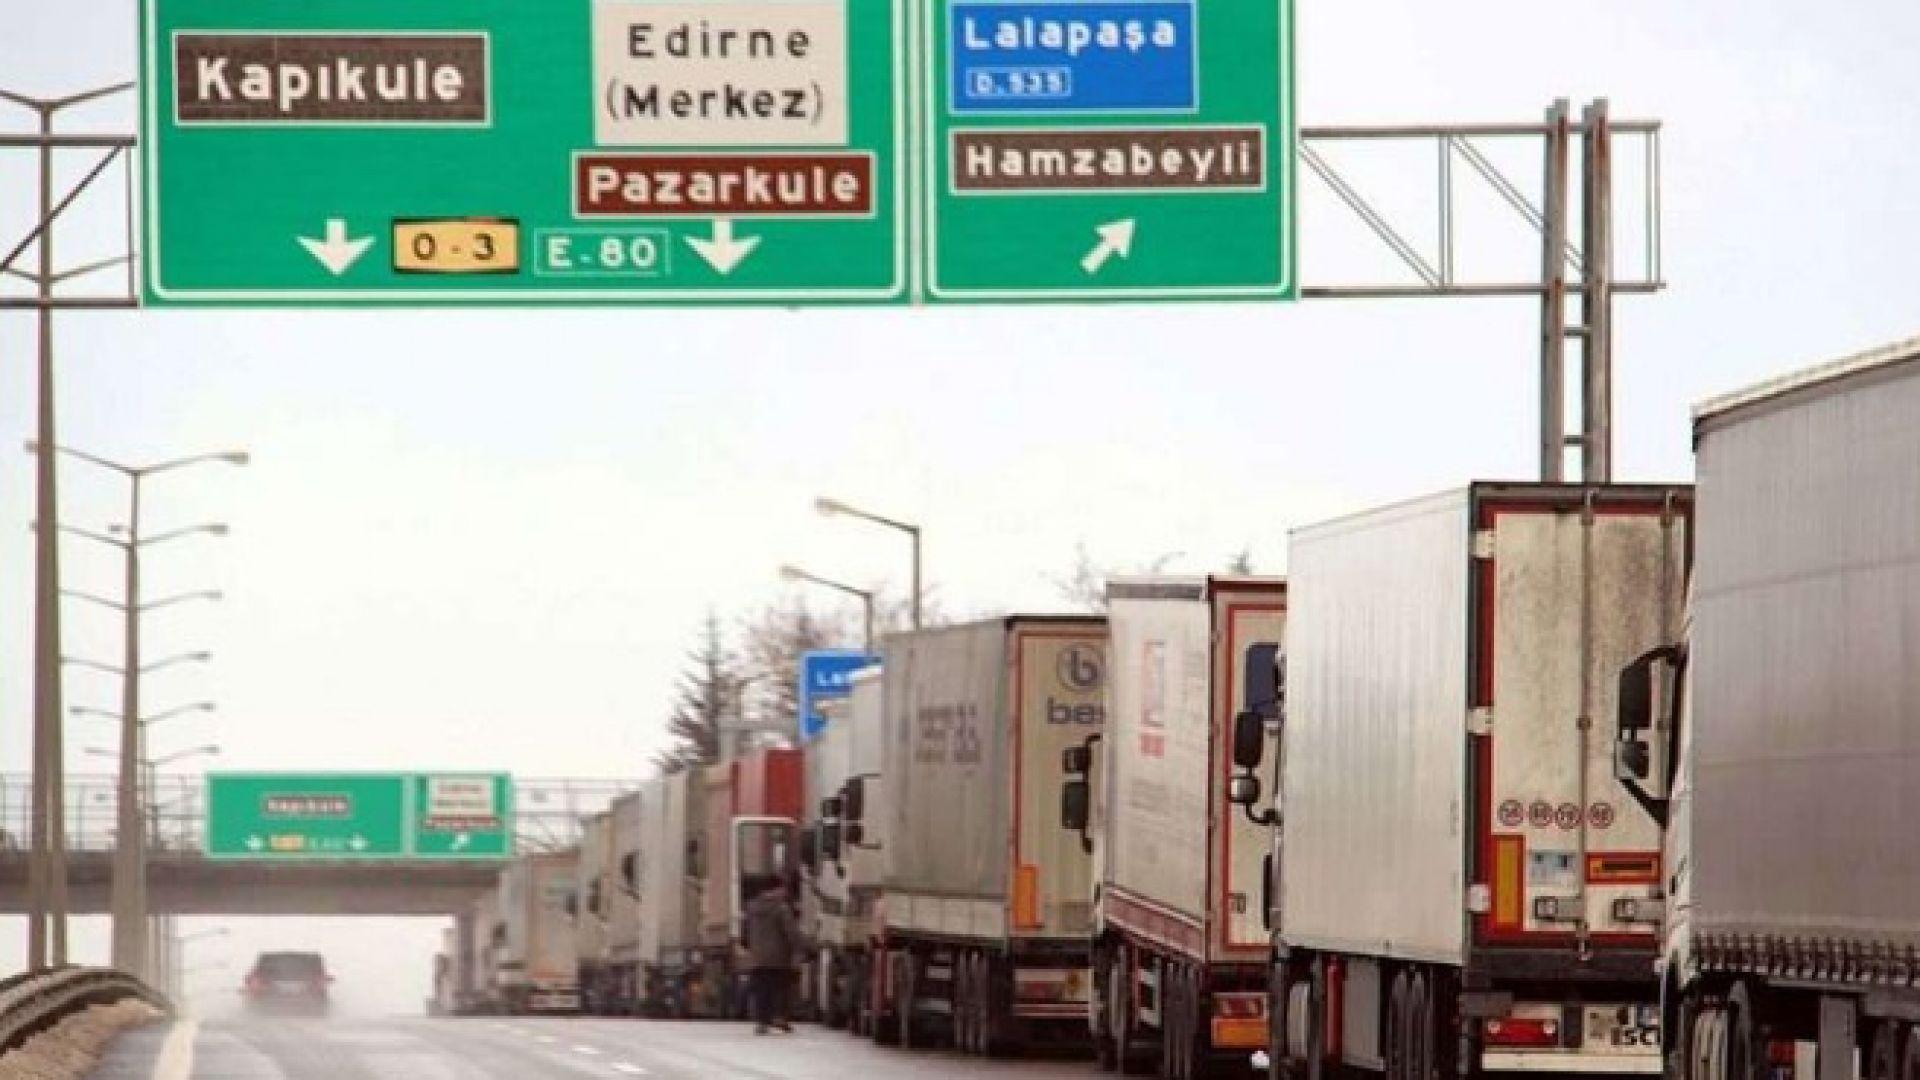 300 камиона спрени на Капъкуле заради глоби, превозвачите готвят протест